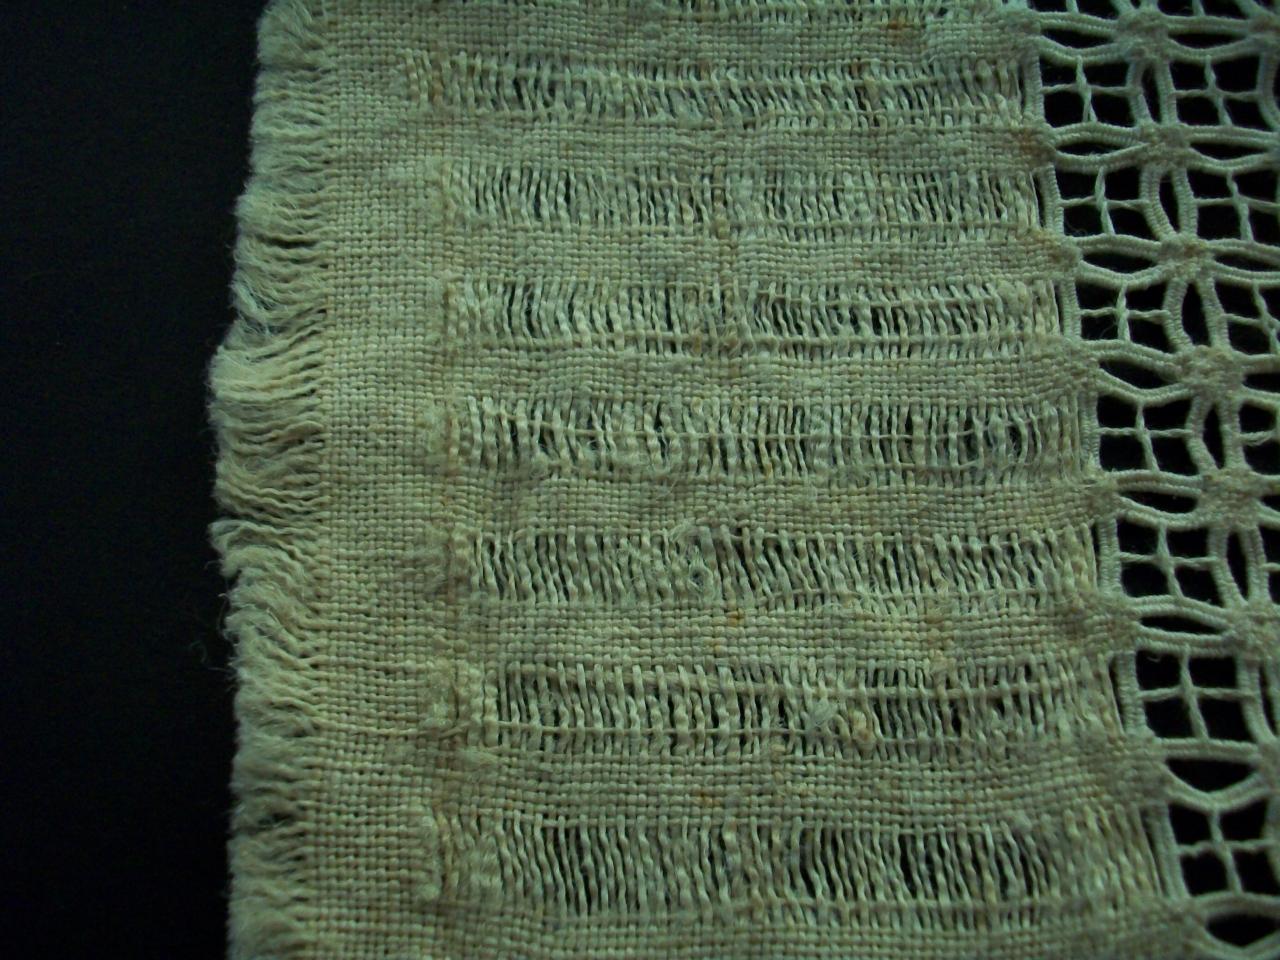 camicia, intimo, da giorno, femminile - ambito francese (fine sec. XIX)